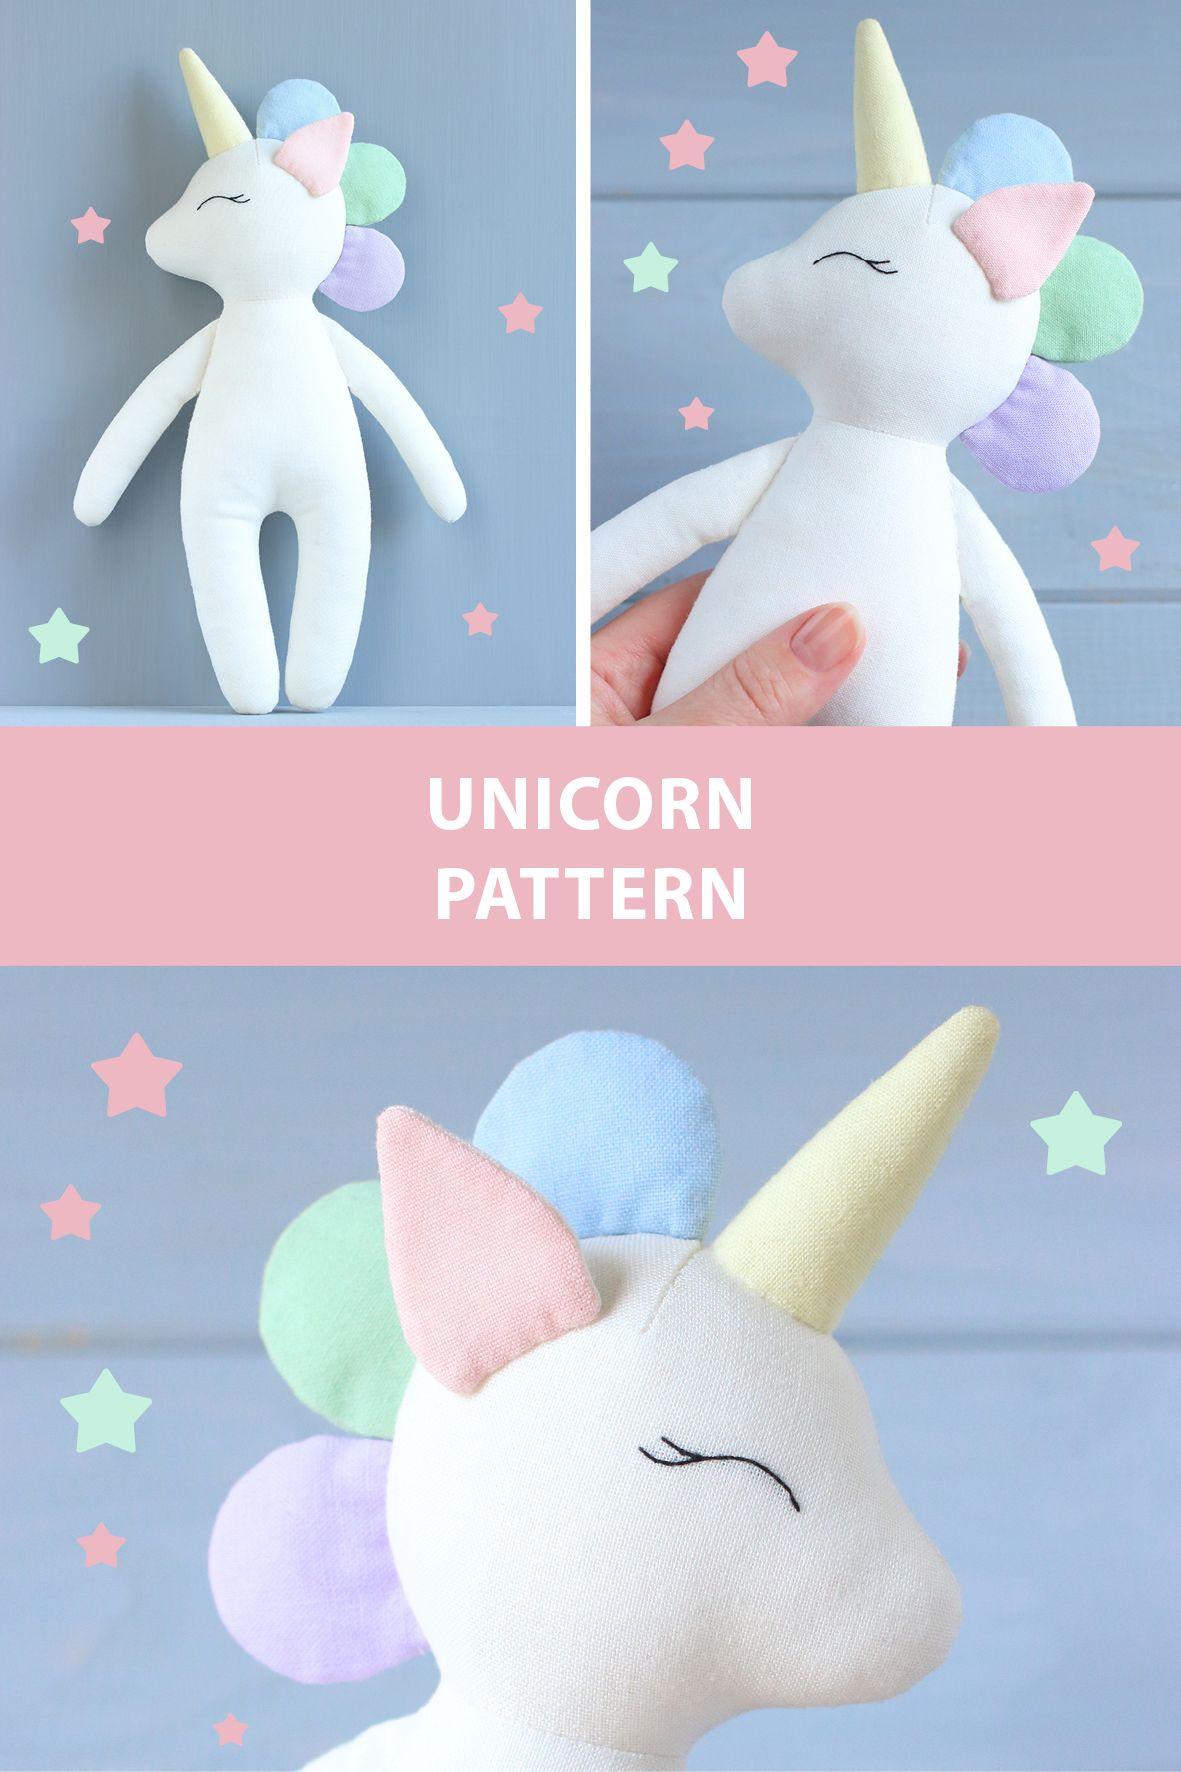 Pdf Unicorn Sewing Pattern Tutorial Diy Unicorn Doll Soft Toy Animal Doll Pattern Cloth Doll Stuffed Animal Pattern Nursery Decor Diy Unicorn Doll Unicorn Doll Sewing Stuffed Animals [ 1772 x 1181 Pixel ]